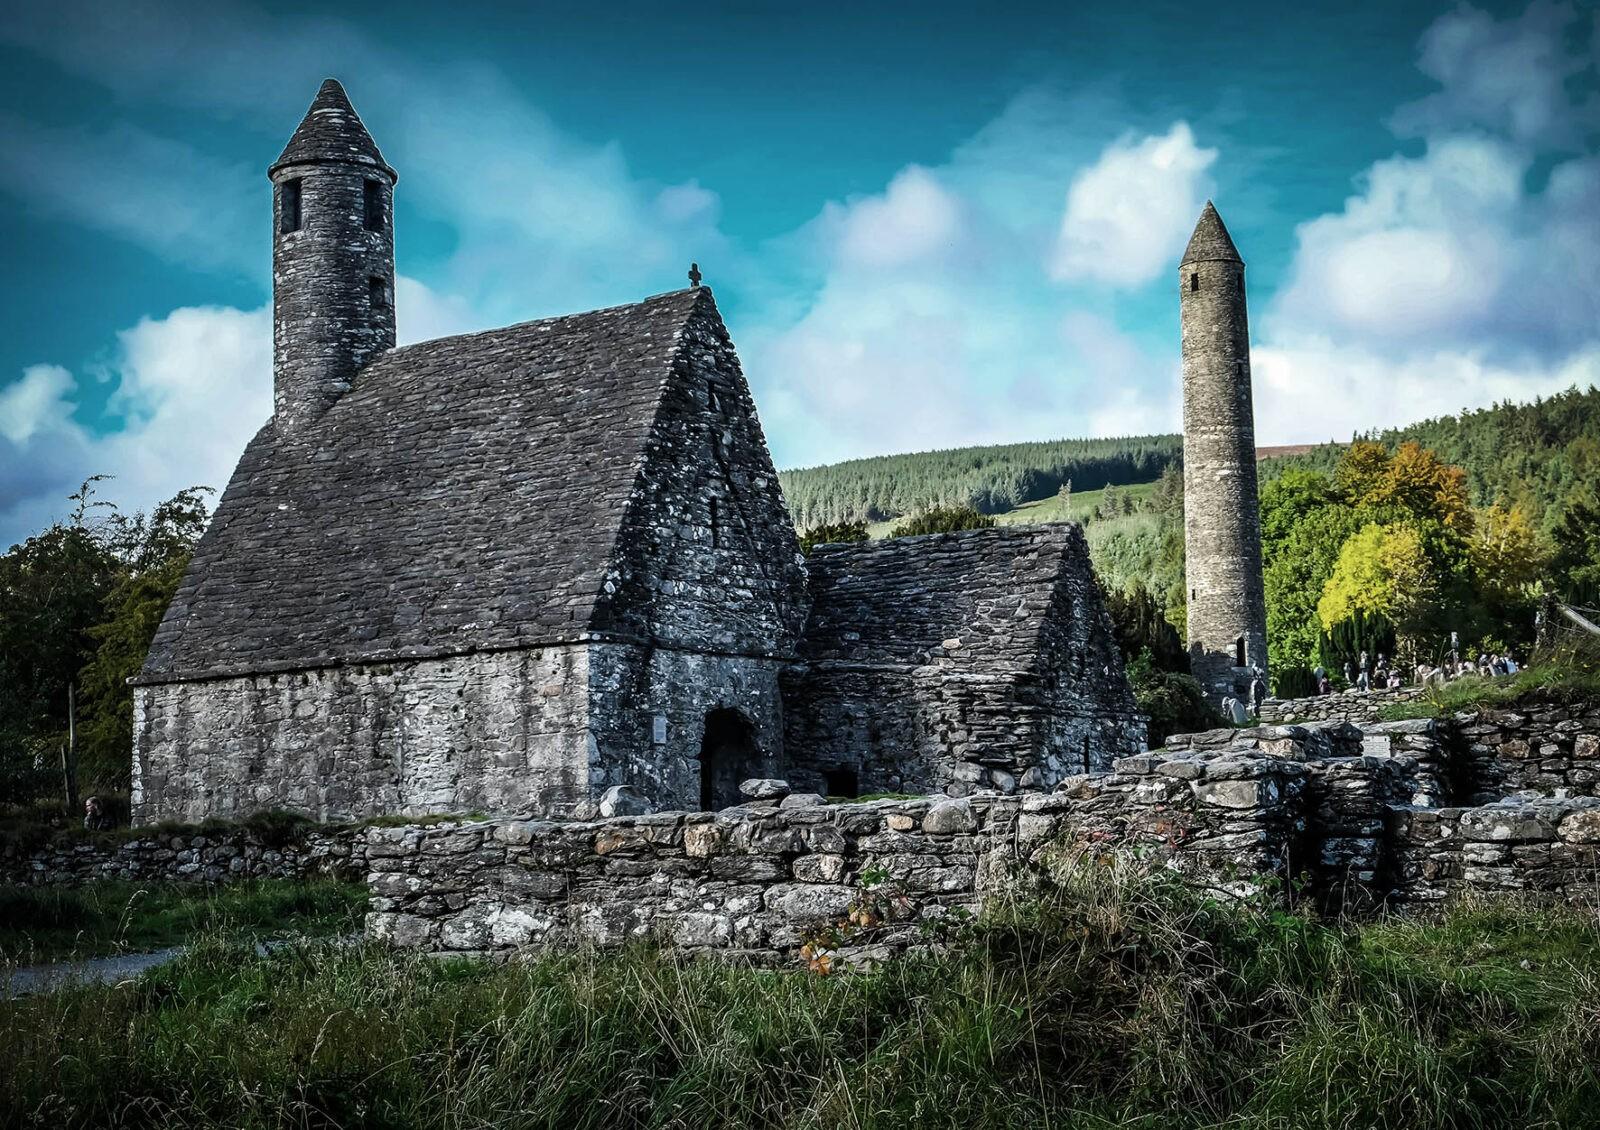 О монашеских традициях Кельтской церкви расскажут в тверской библиотеке